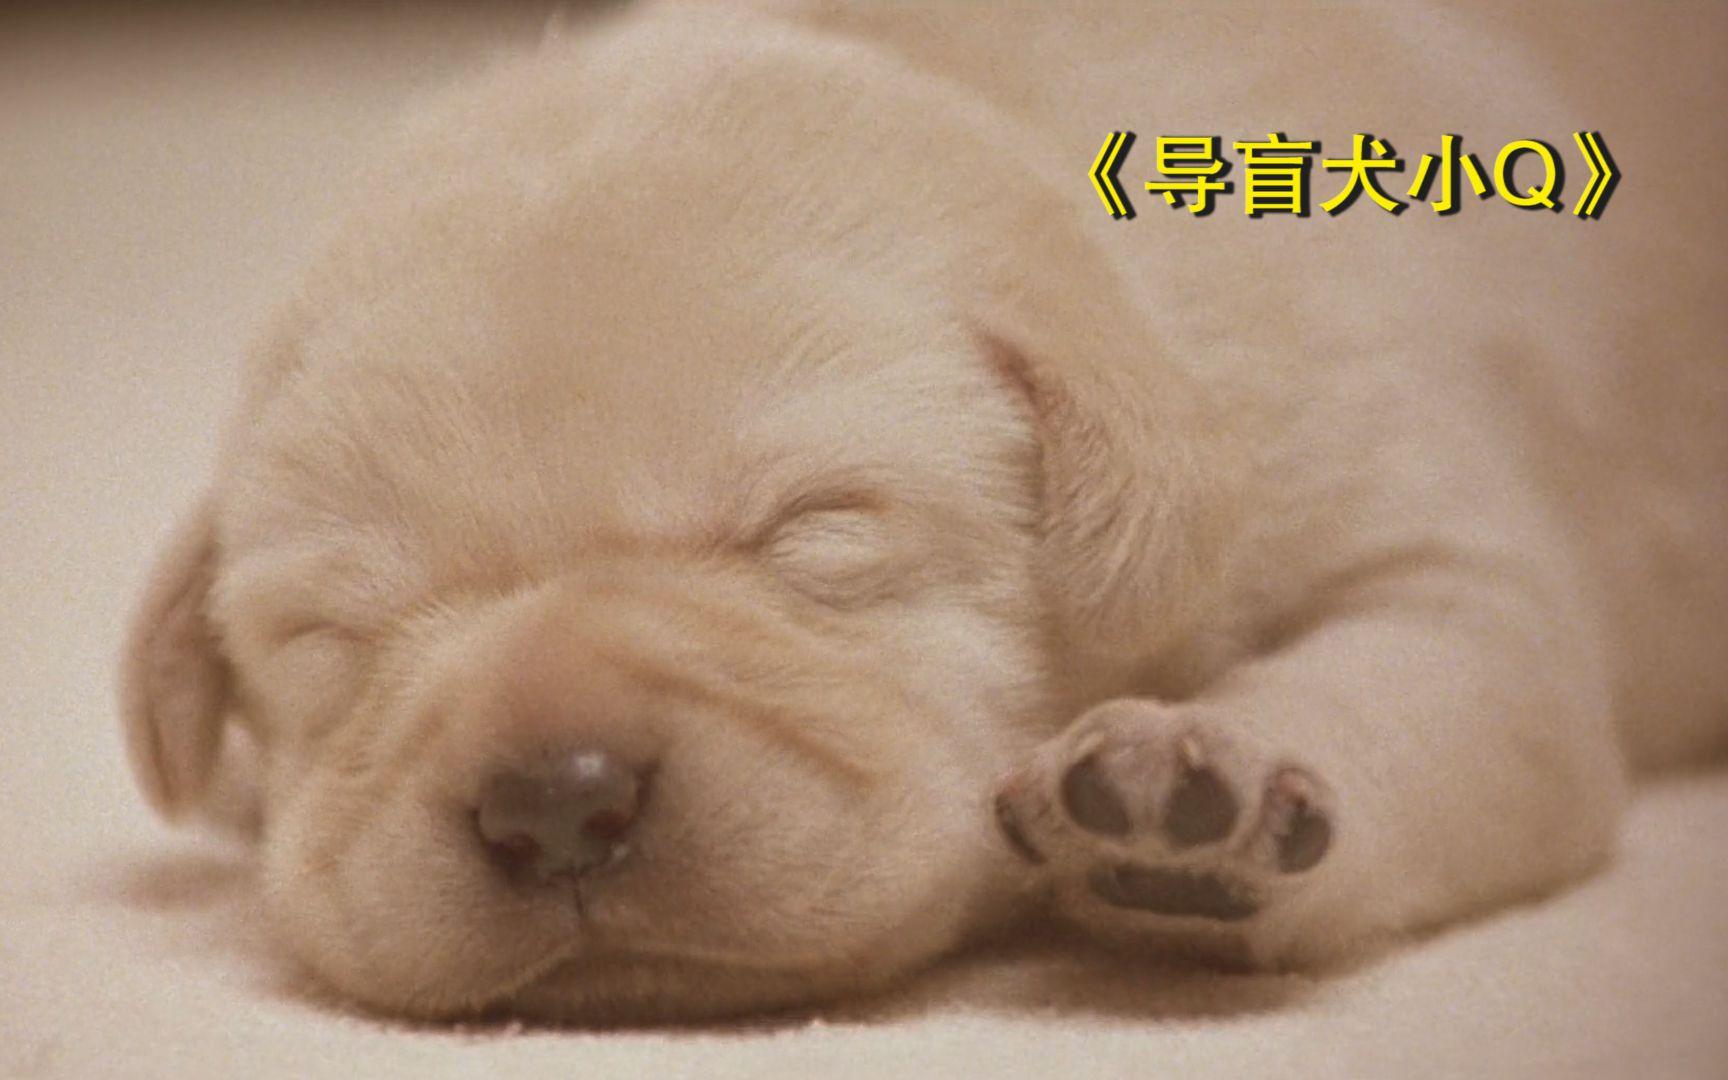 高分暖心电影,感动一亿亚洲观众,导盲犬平凡又伟大的一生